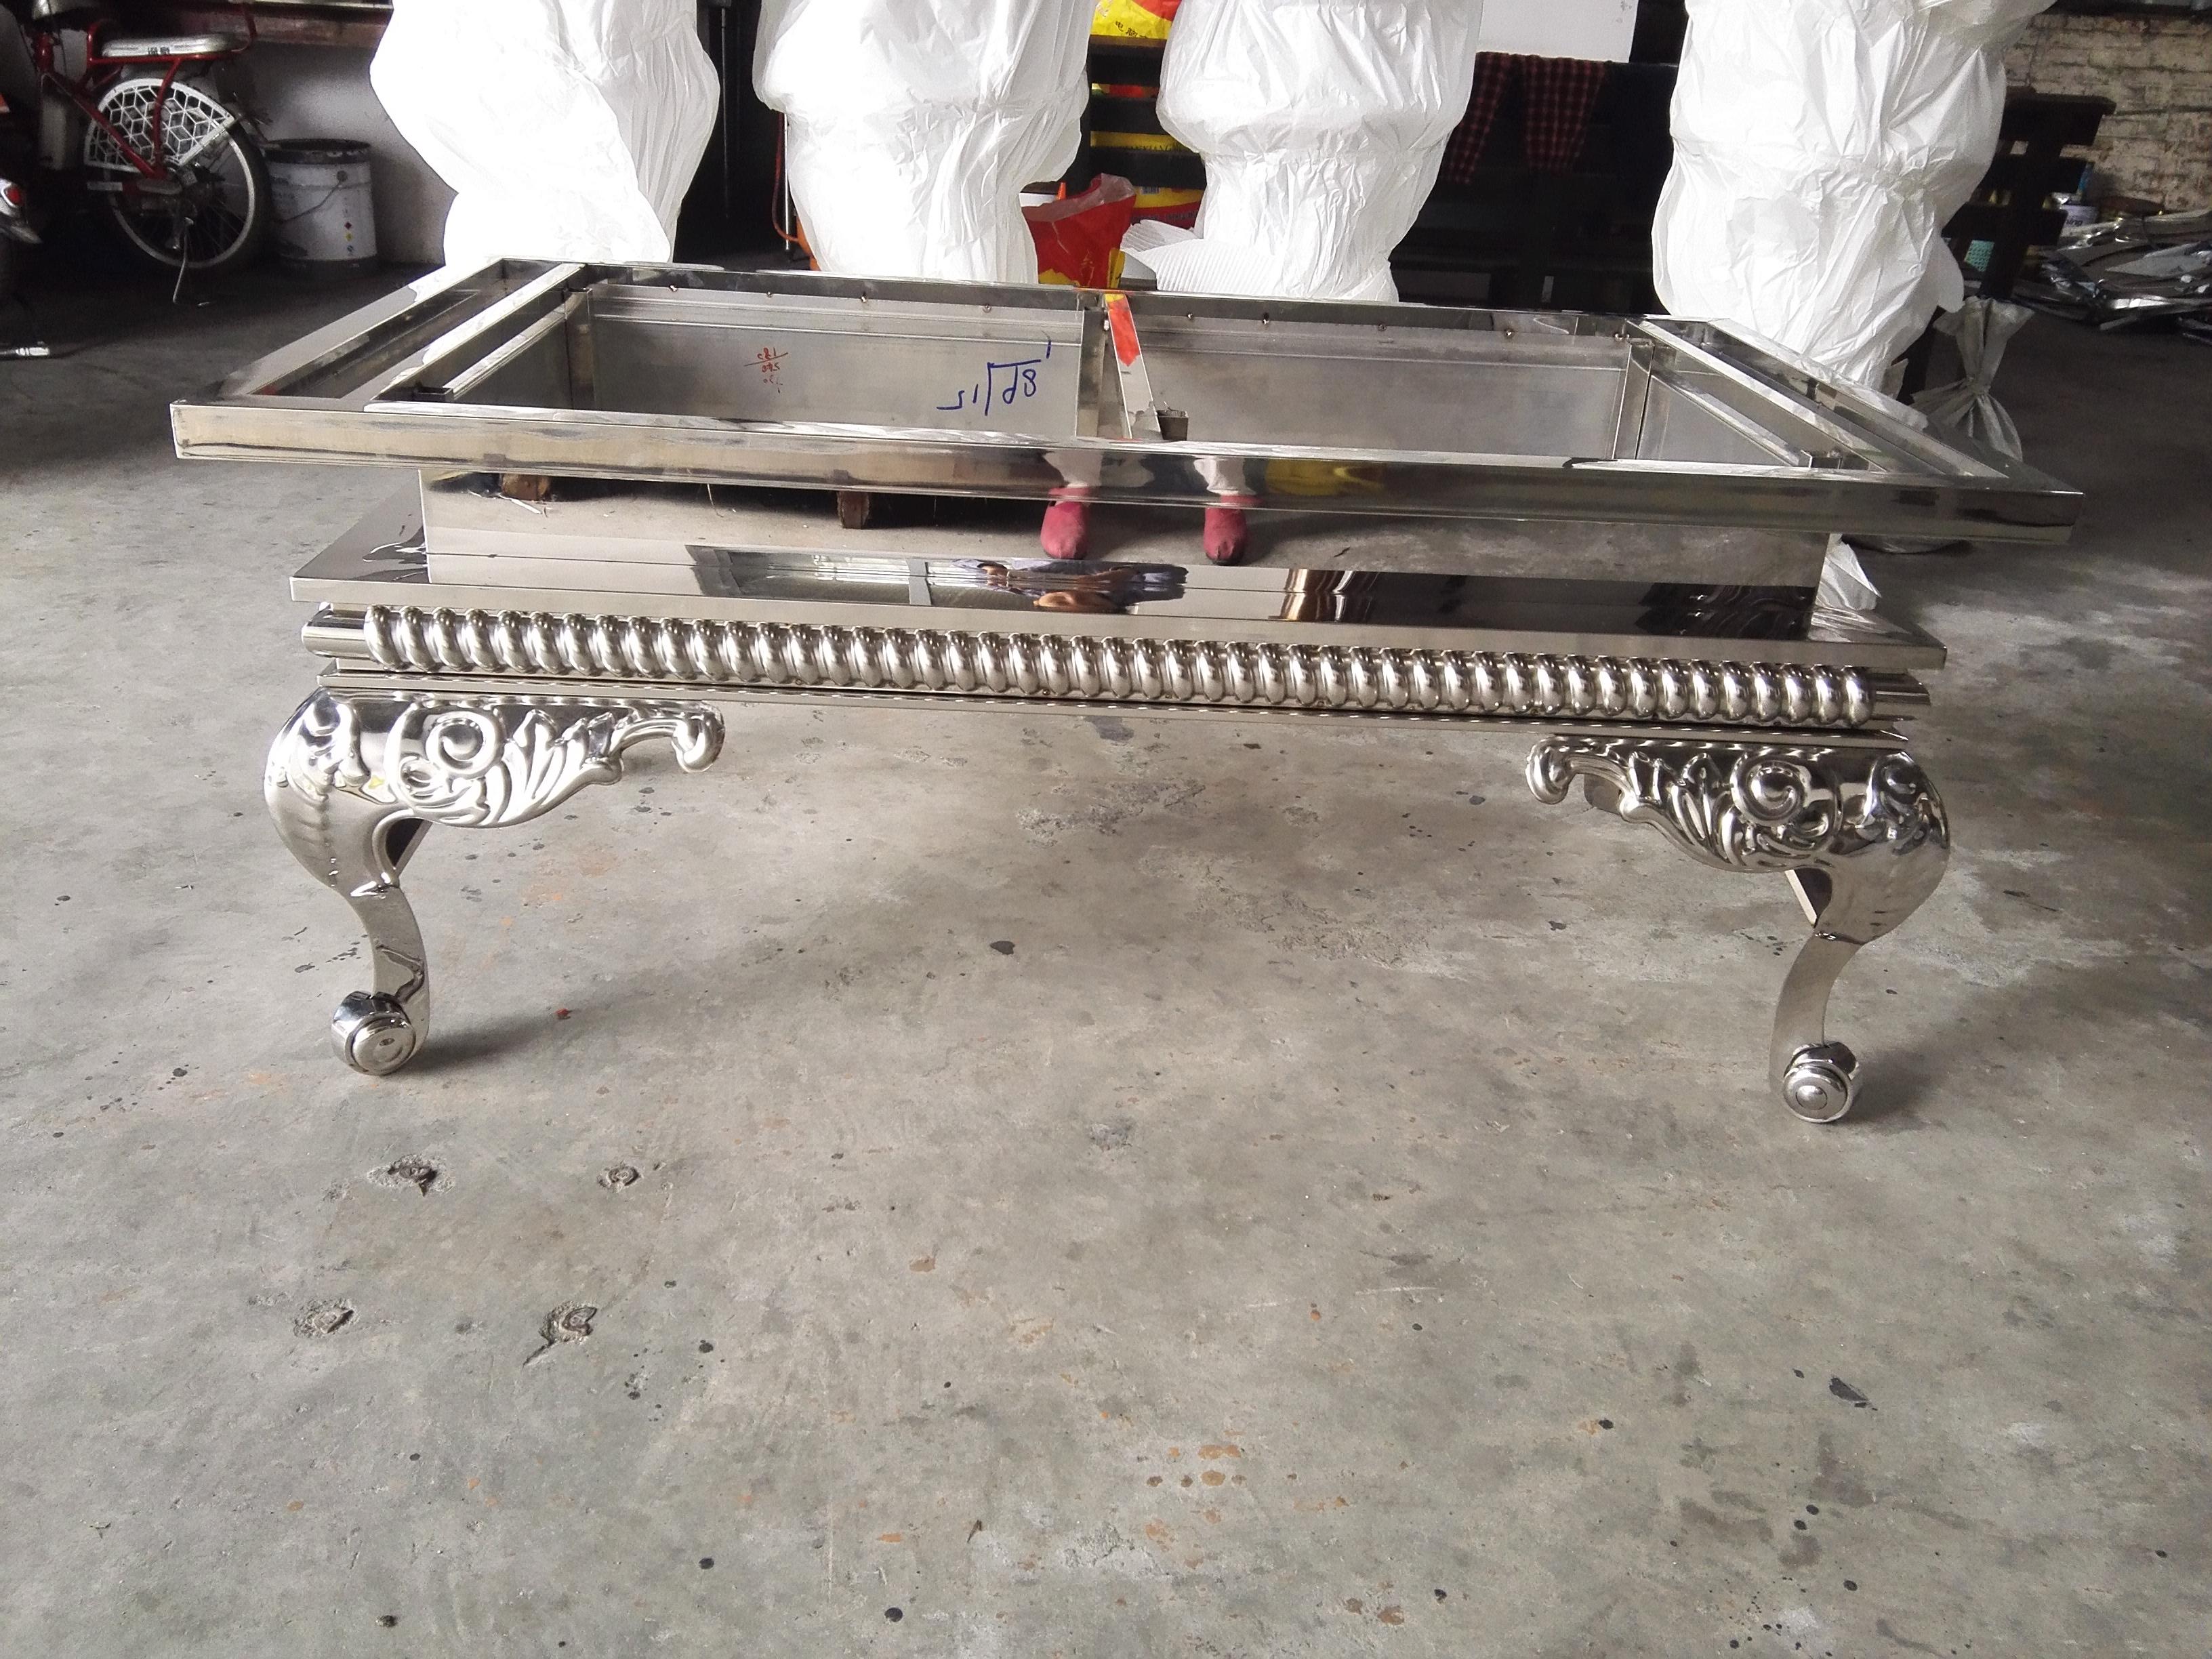 上海不锈钢吧台价格 上海不锈钢吧台供应商报价 上海不锈钢吧台厂